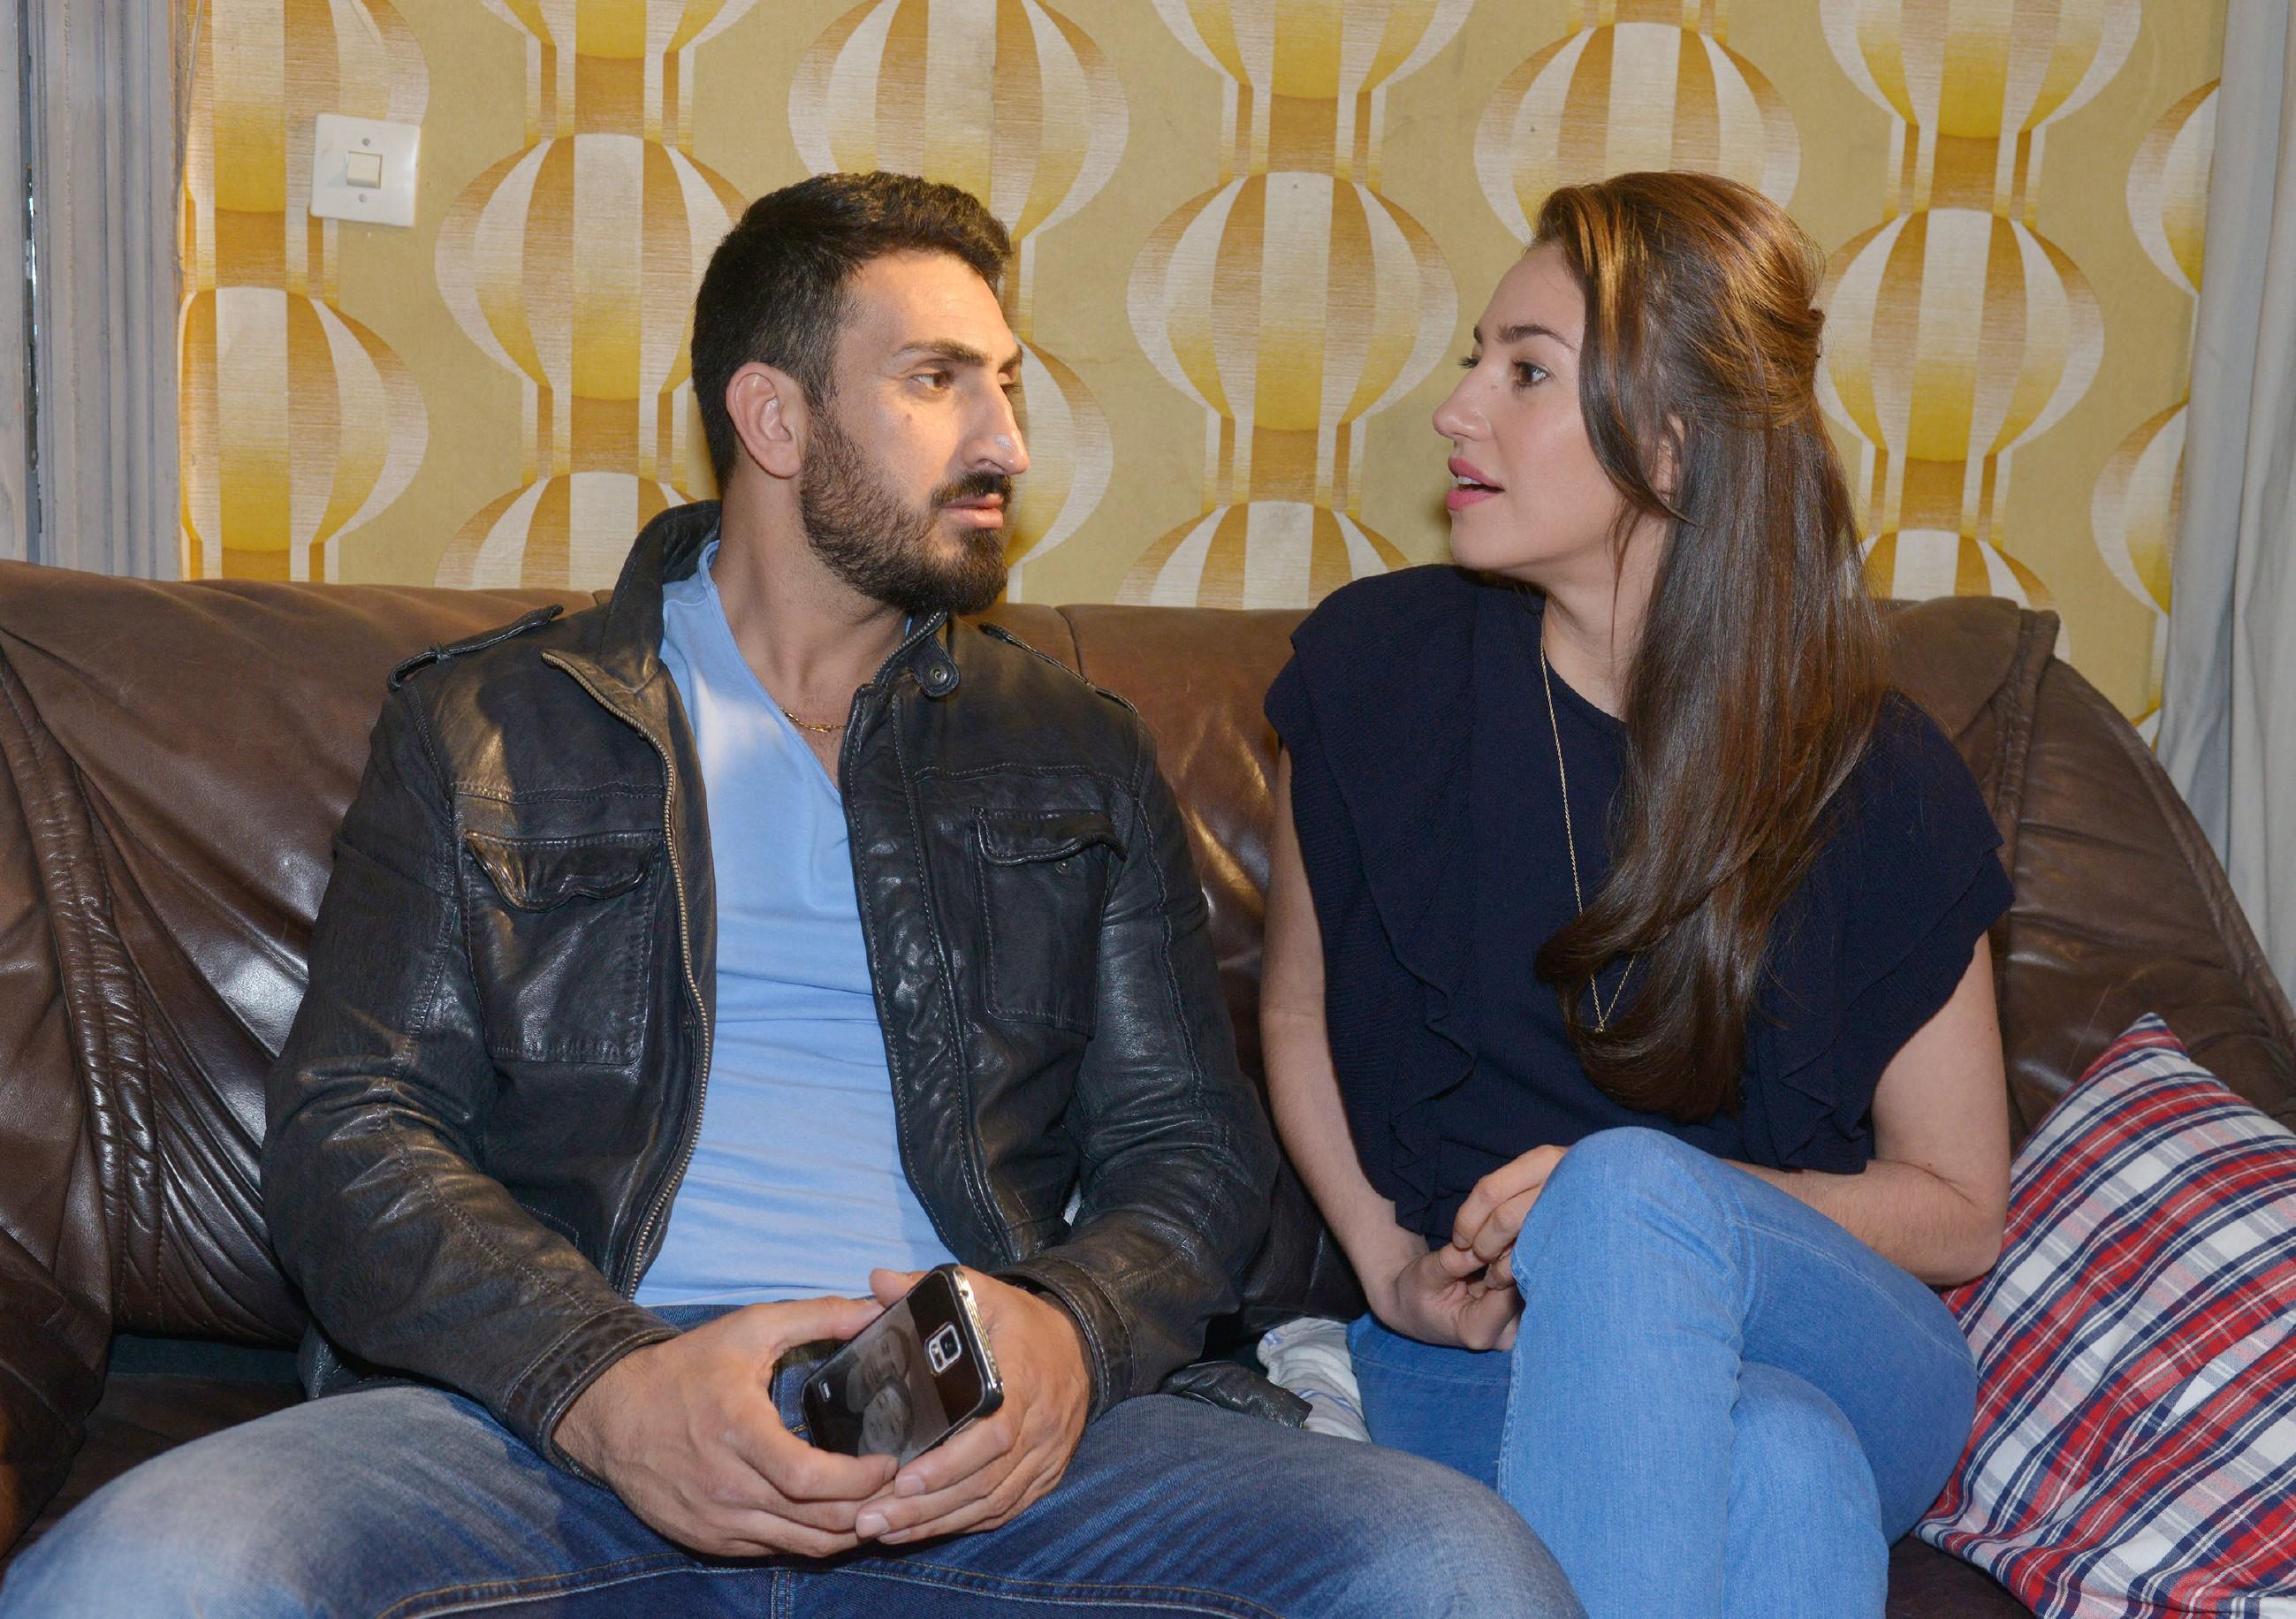 Mesut (Mustafa Alin) findet Elena (Elena Garcia Gerlach) heiß und lädt sich selbst zu einem DVD-Abend mit ihr ein. Doch während sie in ihm nur einen Kumpel sieht, fährt Mesuts Fantasie Achterbahn. (Quelle: RTL / Rolf Baumgartner)